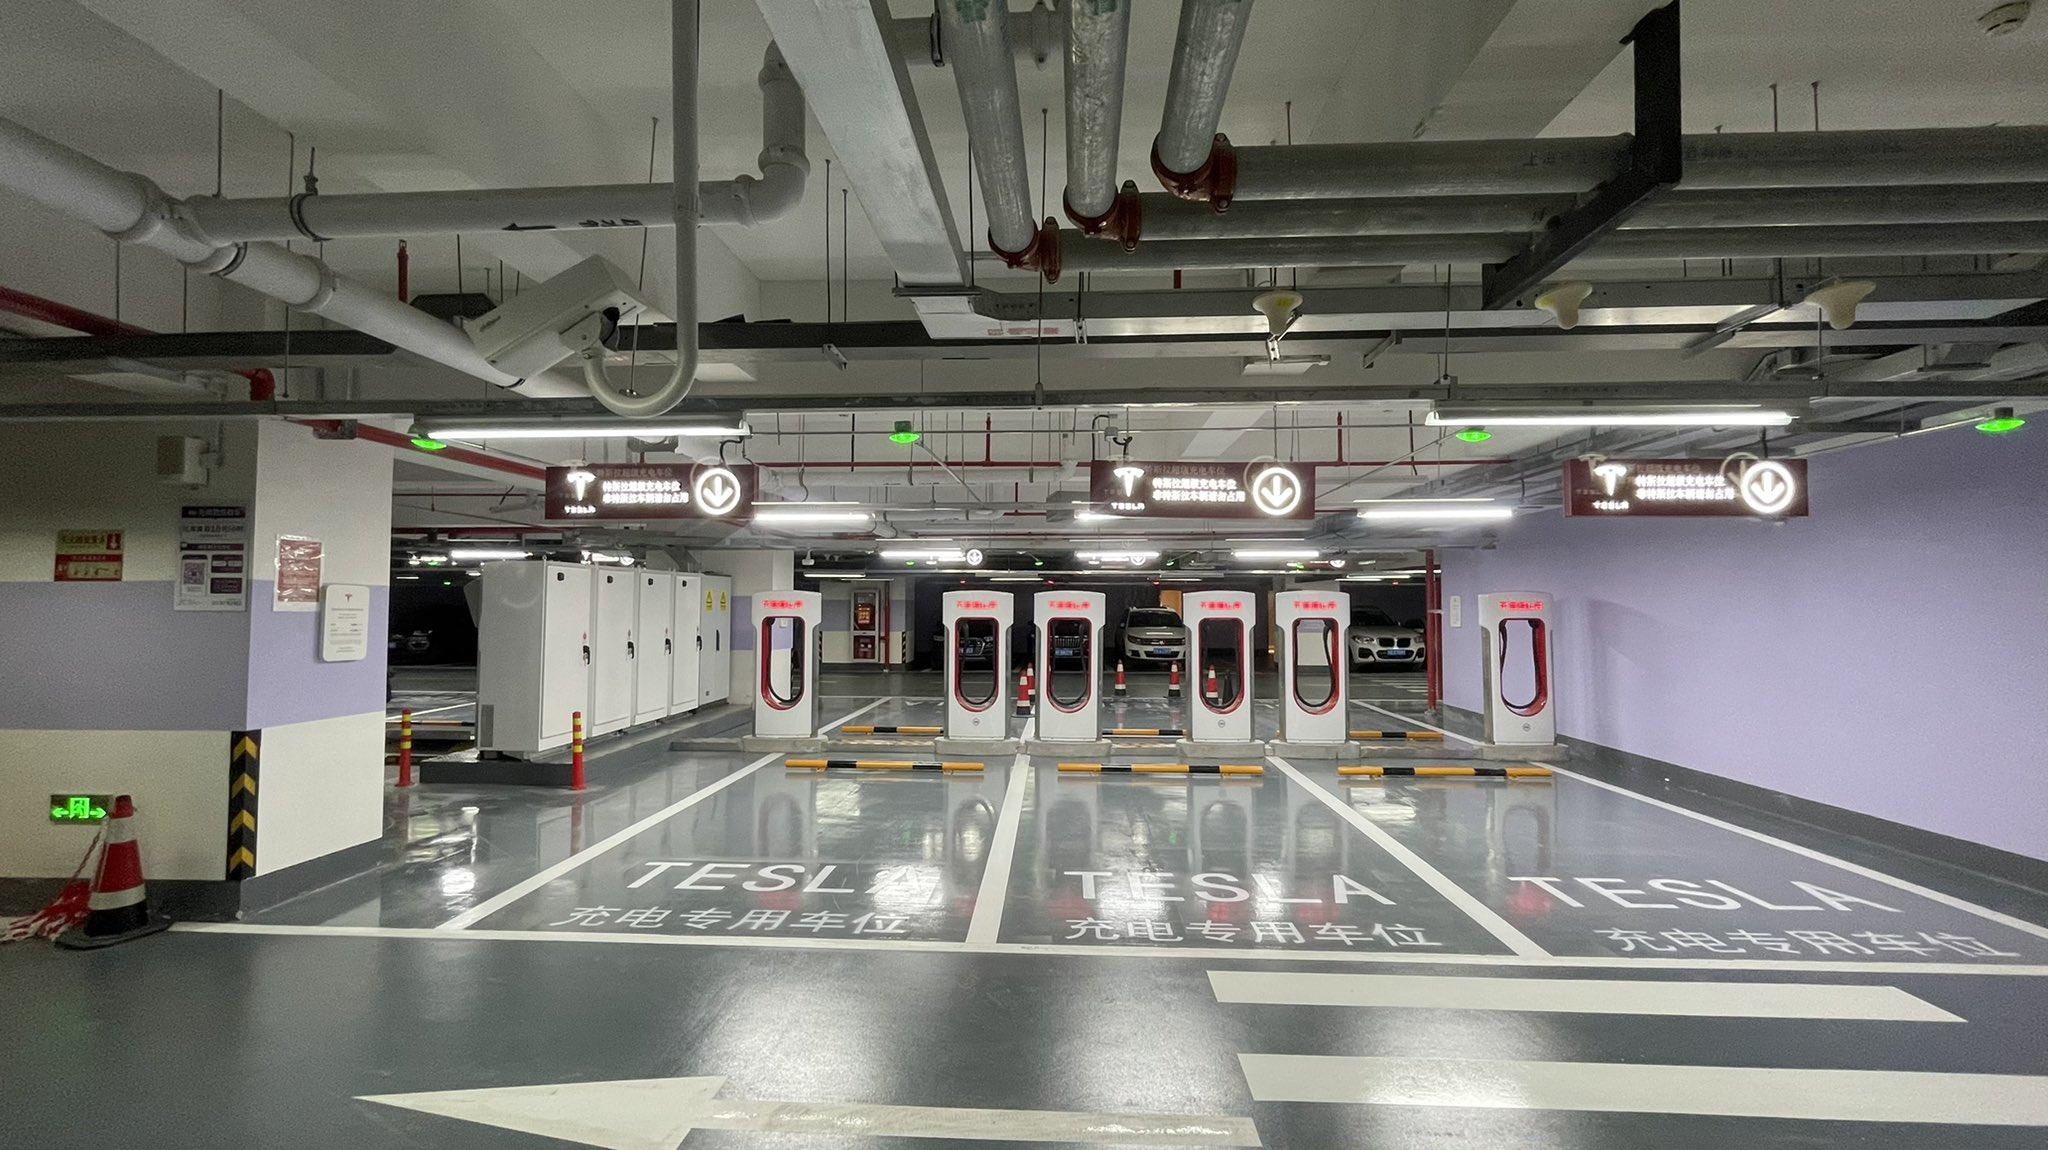 Najväčšia stanica Supercharger na svete so 72 stojanmi V3 v Šanghaji (Foto: Twitter/@JayinShanghai)